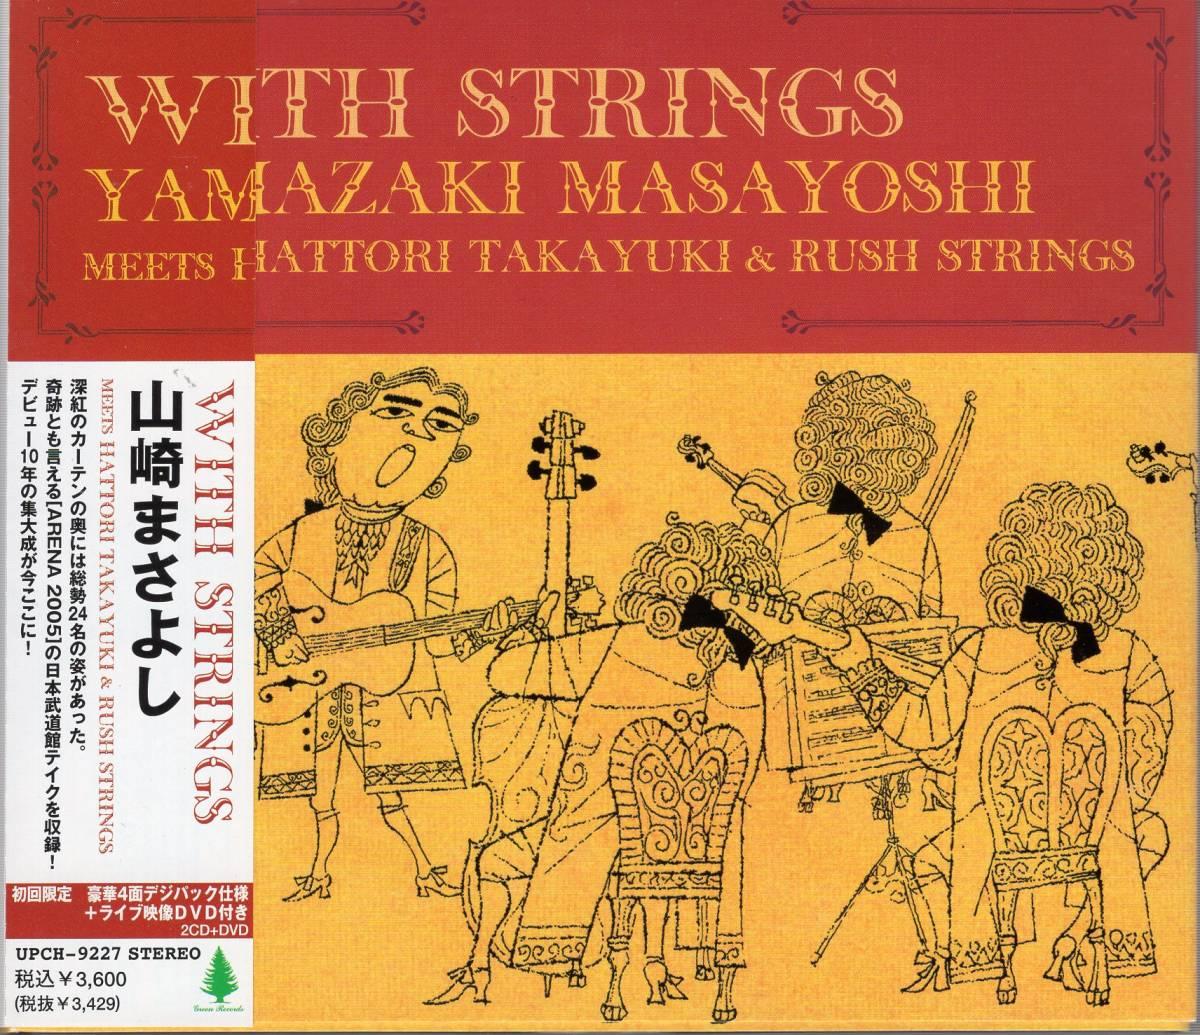 CD) Masayoshi Yamazaki WITH STRINGS